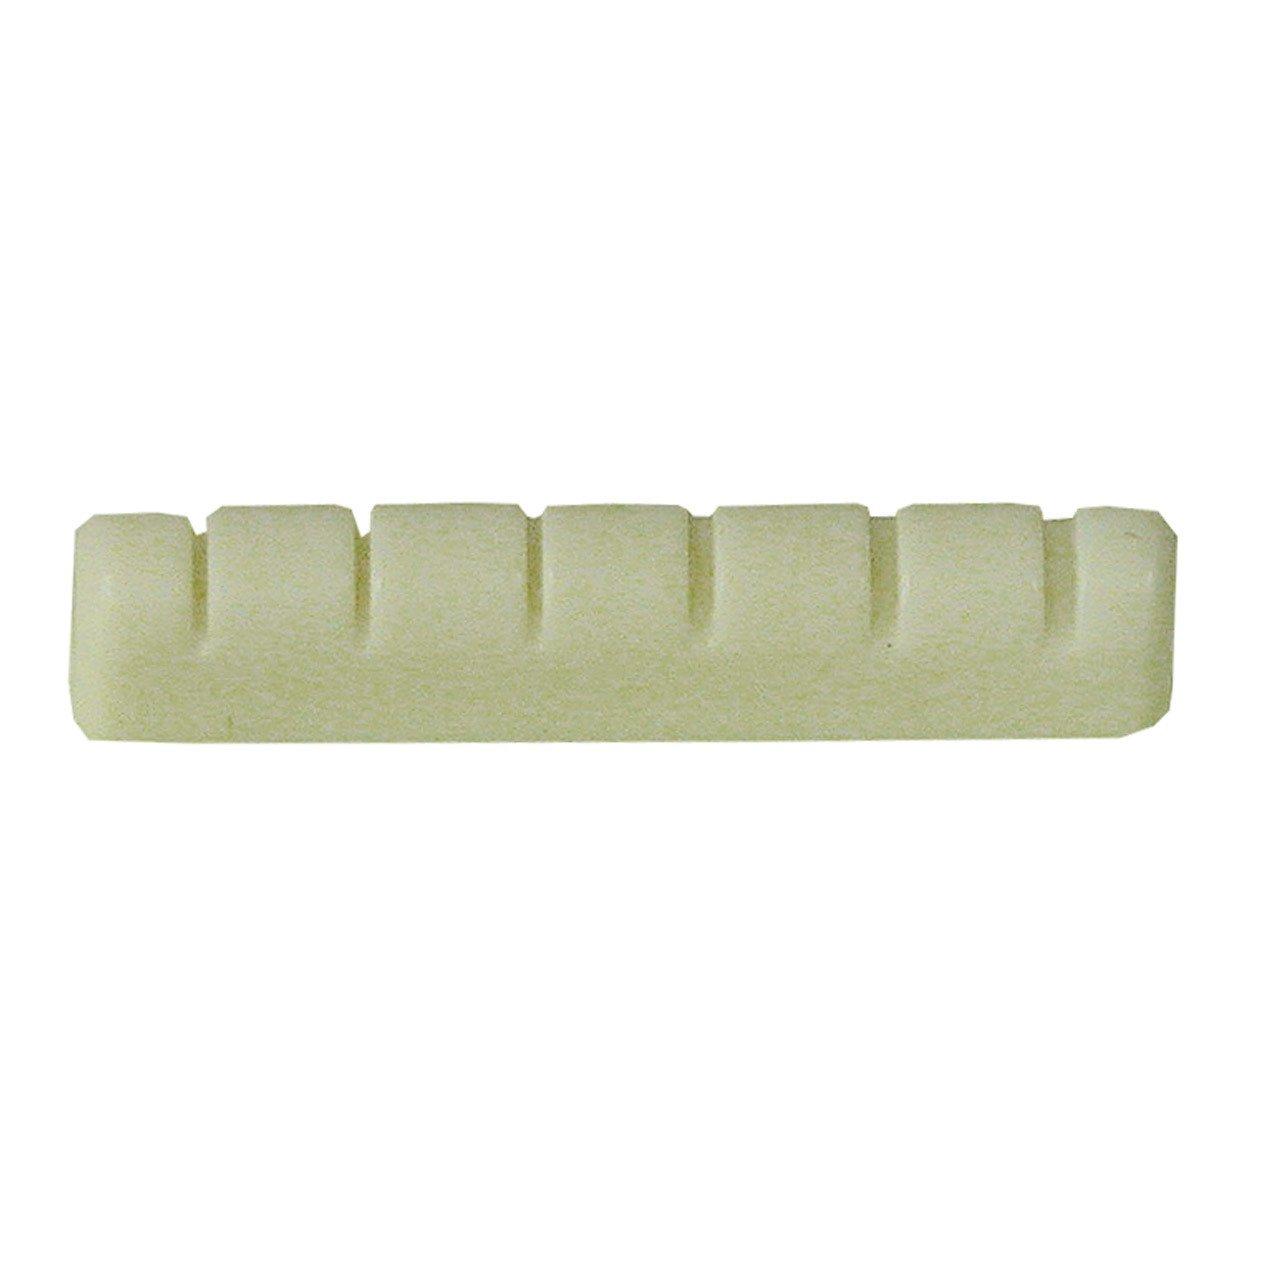 AXL PG-335-0 Plastic Dreadnaught Nut